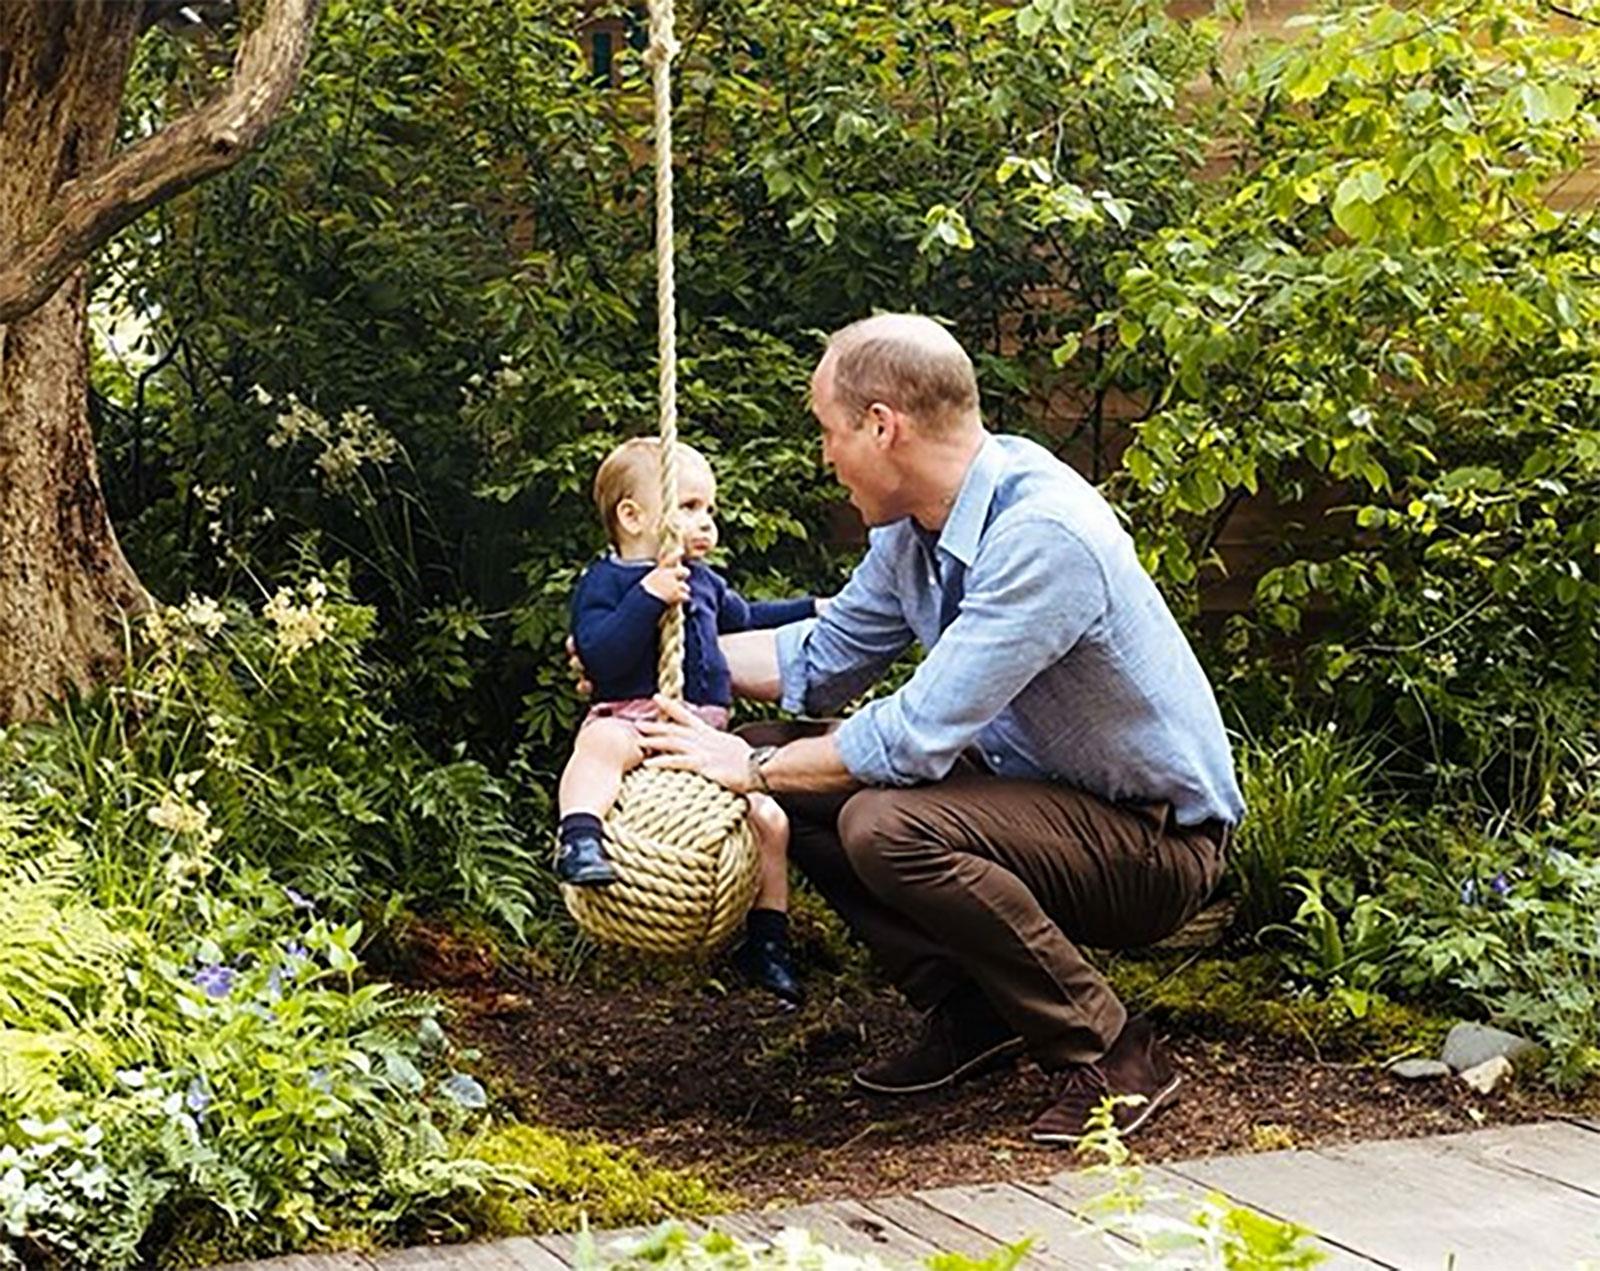 Príncipe William, príncipe Louis